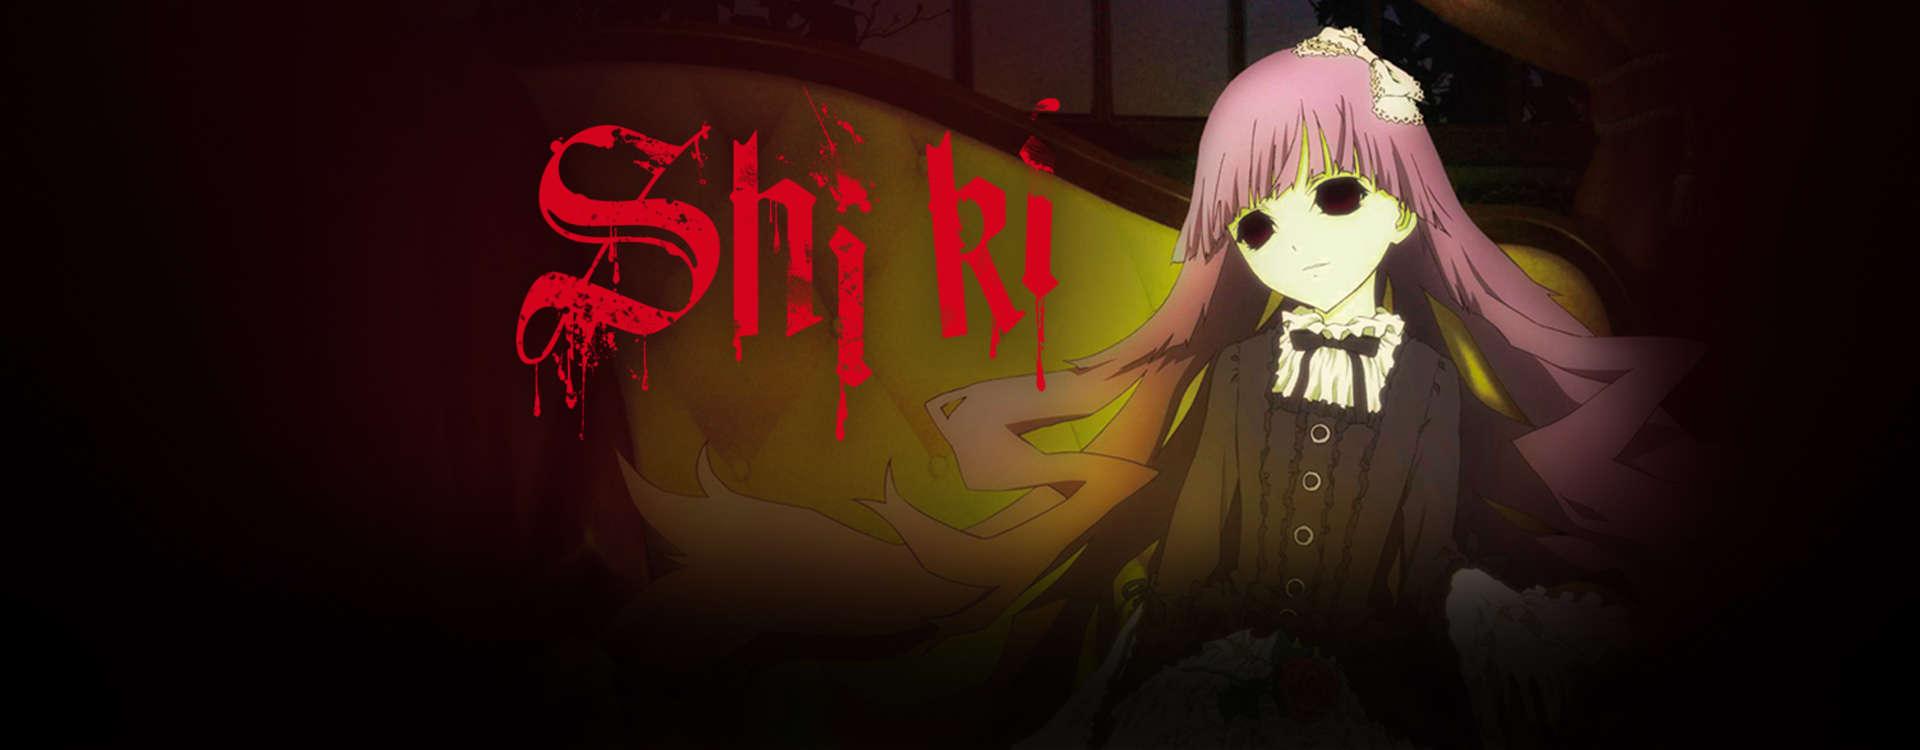 shiki horror anime